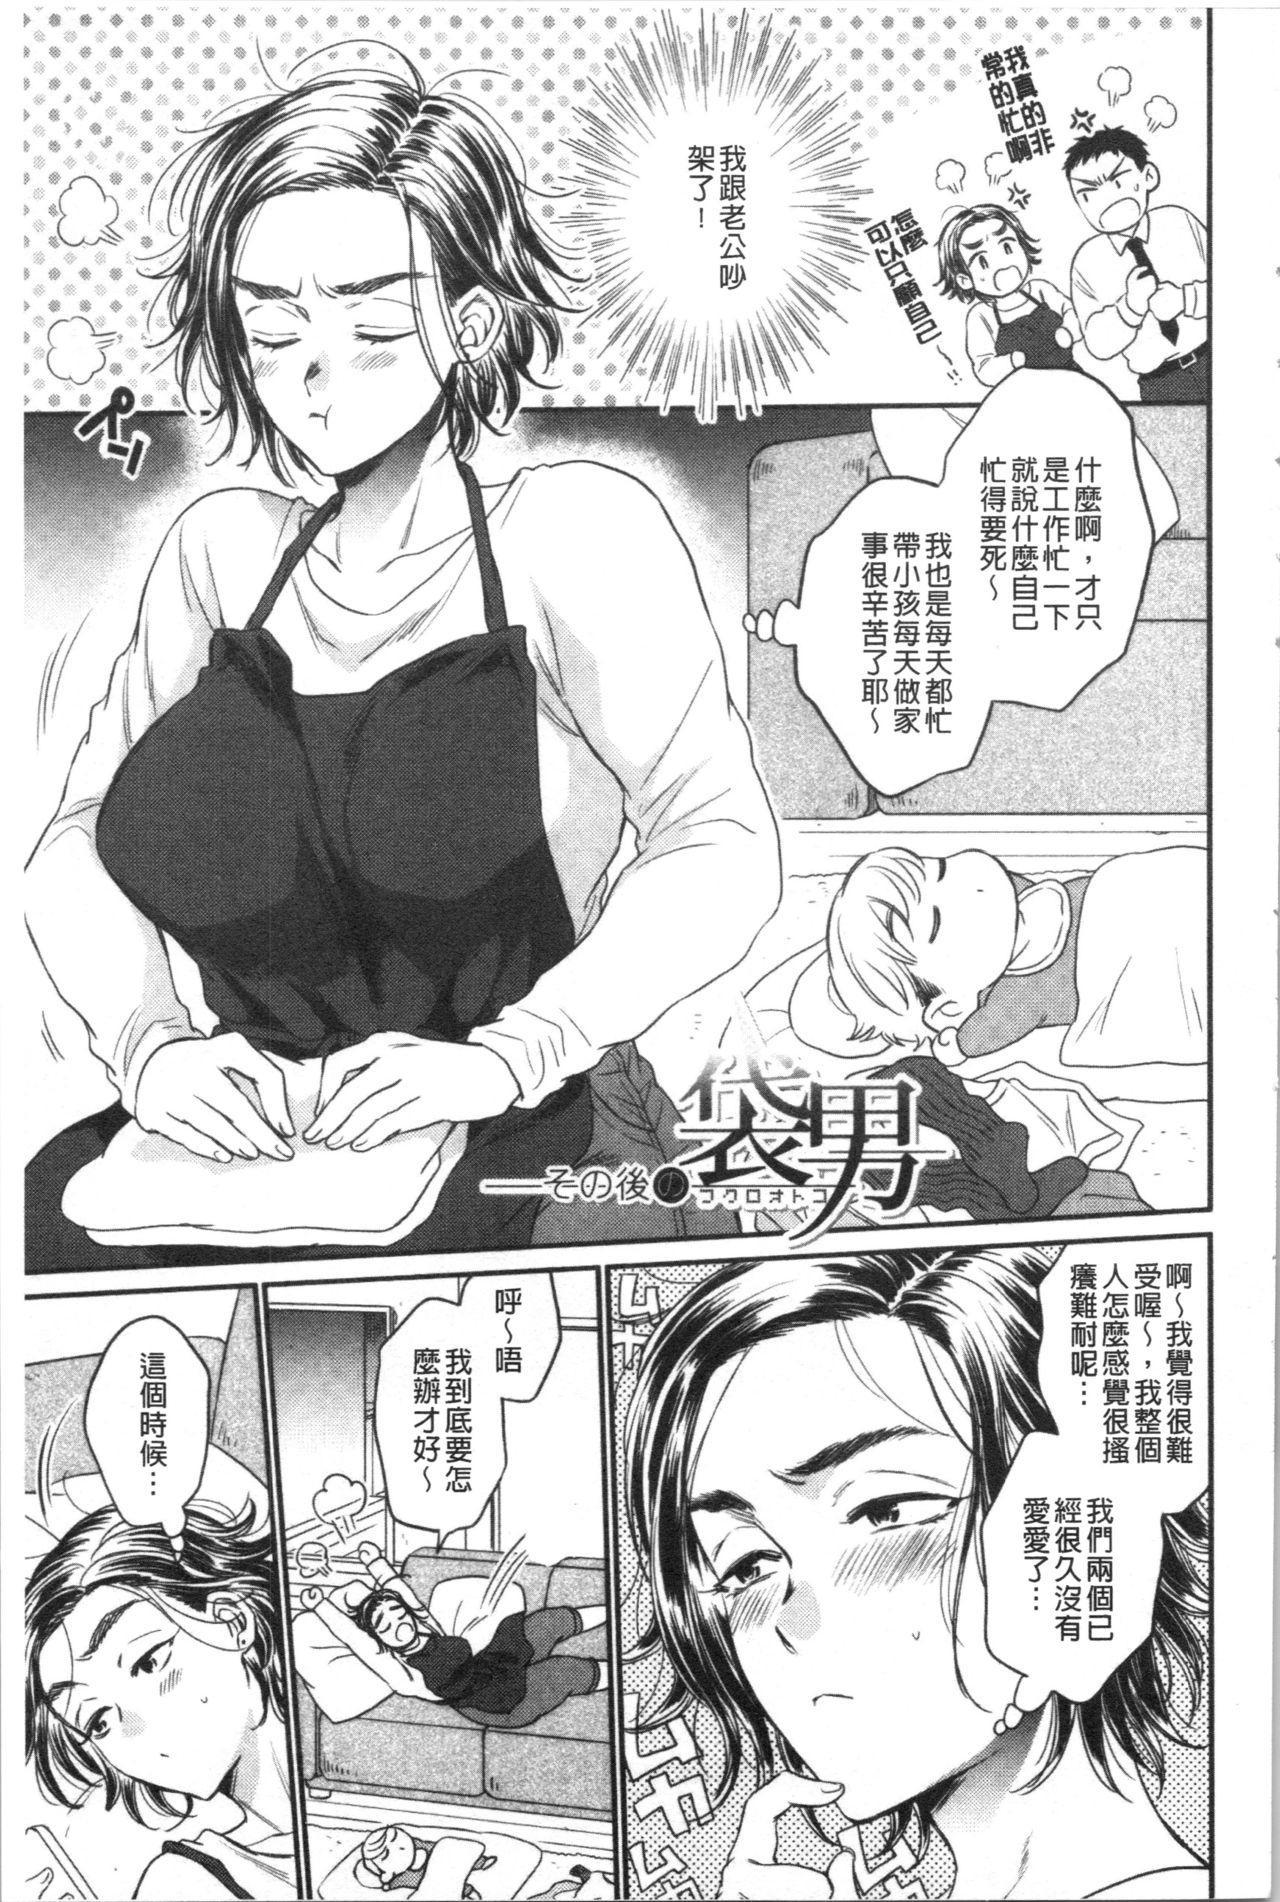 [Sabusuka] Fukuro Otoko - Hitozuma-tachi no Himitsu no Vibe   袋男 人妻們的秘密按摩棒 [Chinese] 176